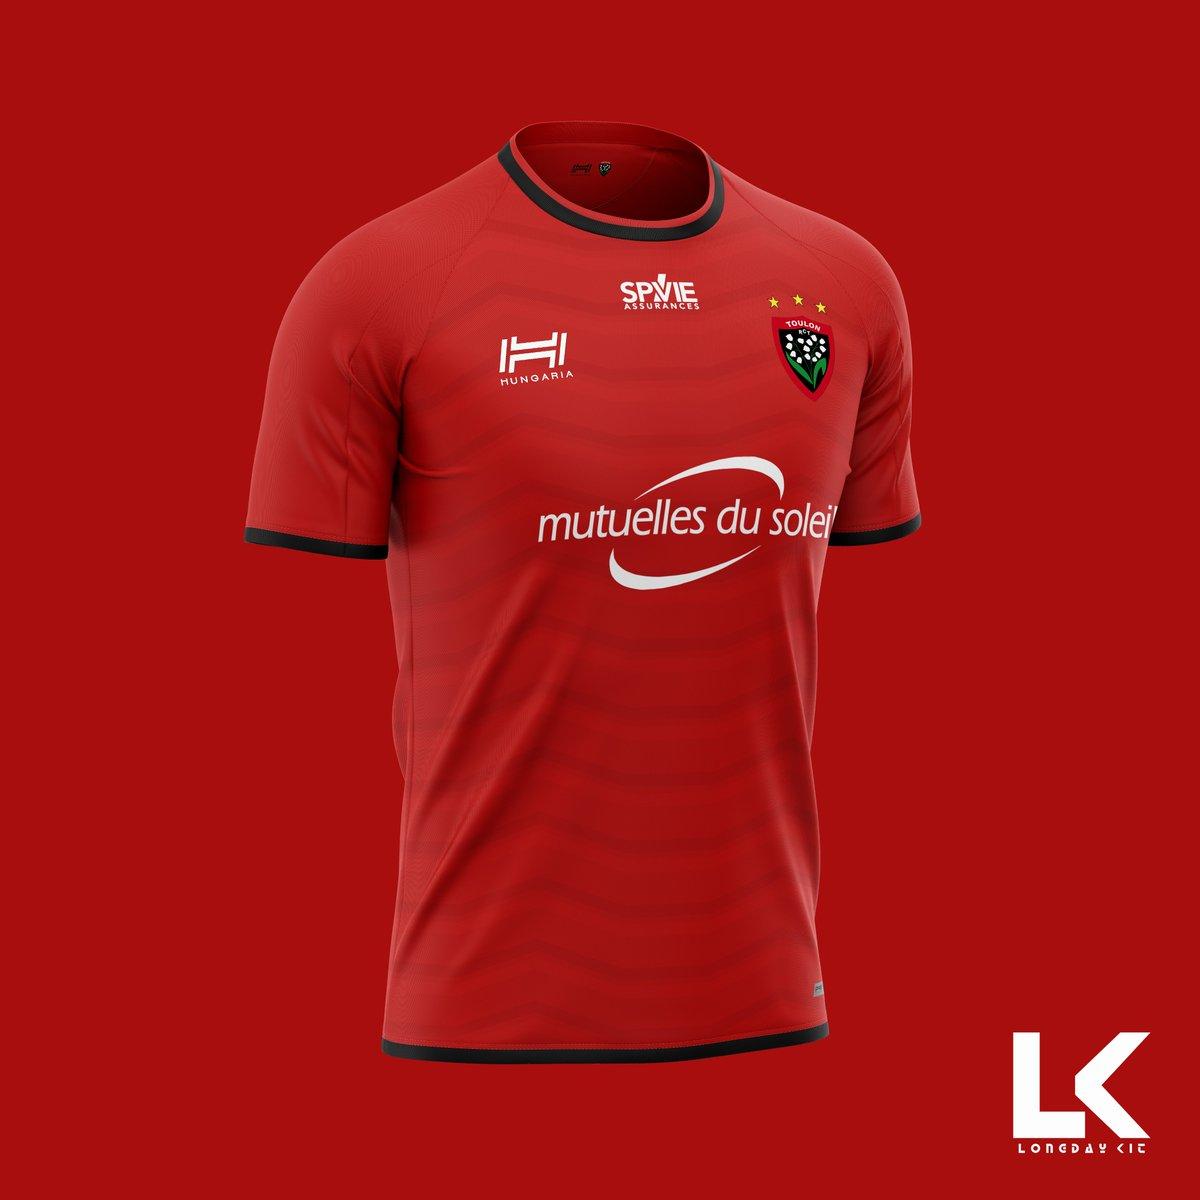 Rugby Club Toulonnais x Hungaria x Kits Concepts  #top14 #Top14aDomicile #mayol #rct #rugbyclubtoulonnais #teamrct #piloupilou #Toulon  @RCTofficiel @HUNGARIAsport   Désolé @leszacrau ne jamais poster avec son enfant à côté, on fait une énorme erreur.  RT et Like Appréciéspic.twitter.com/0ZJS0jMoC3